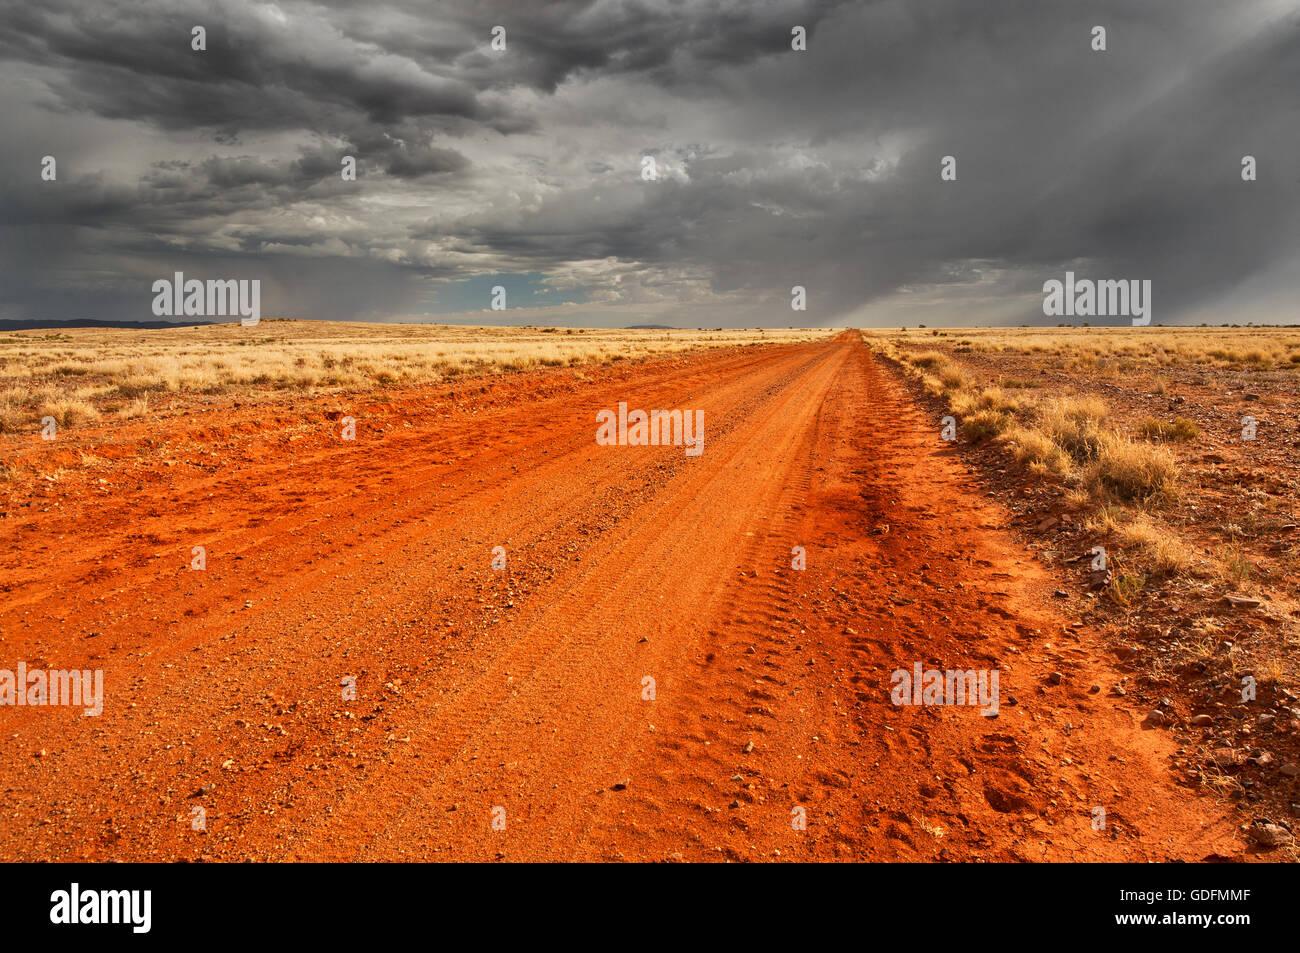 Nubes oscuras llegando en una pista del desierto. Imagen De Stock